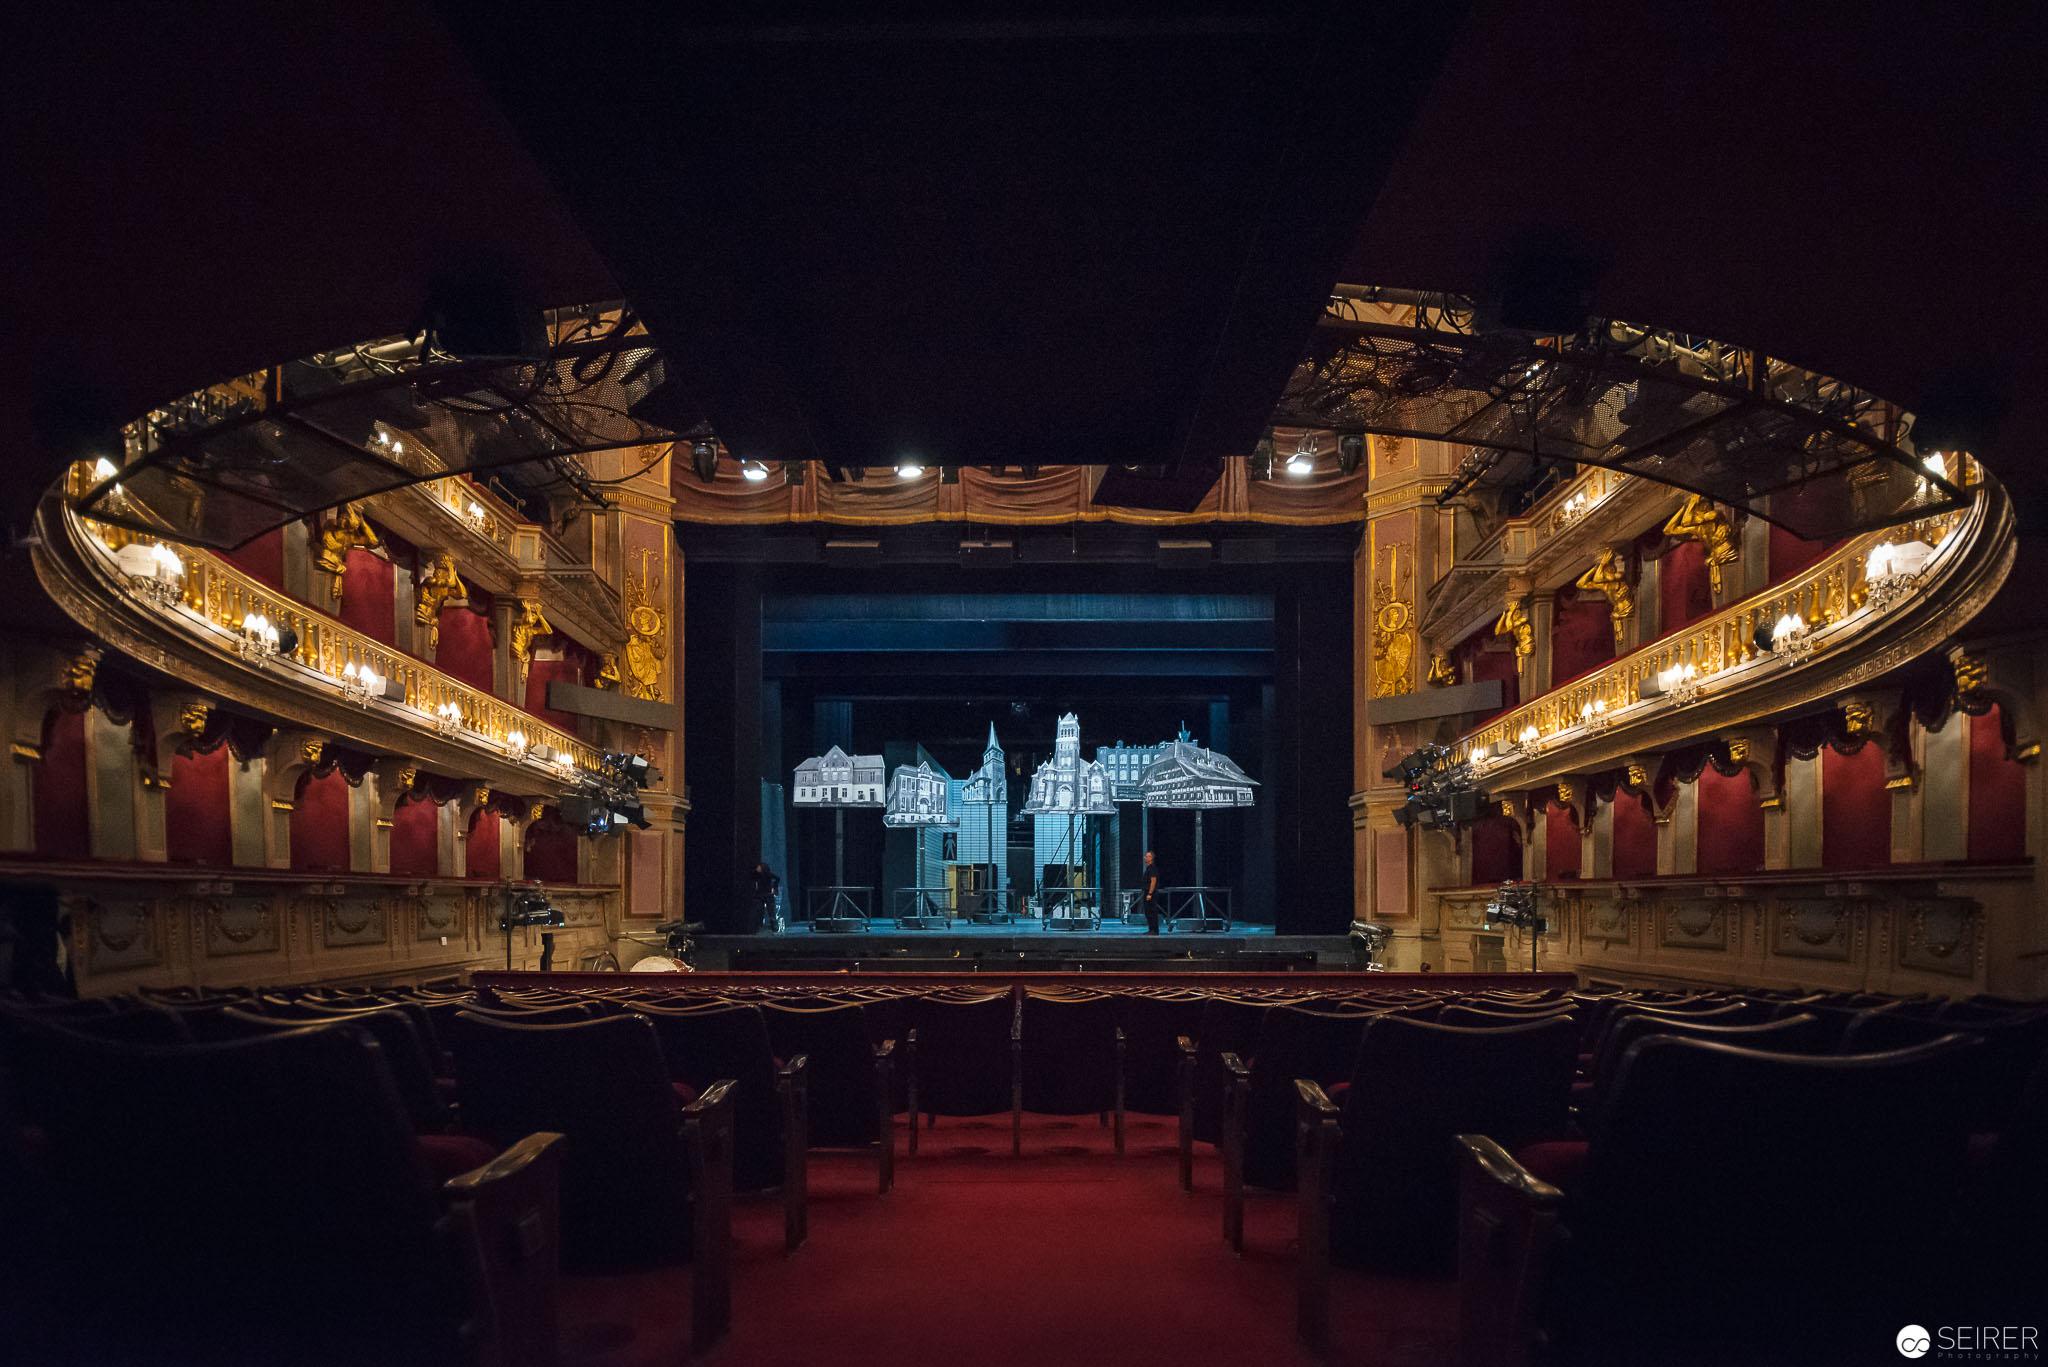 20180328_180725_theater_an_der_wien_besuch_der_alten_dame_.jpg